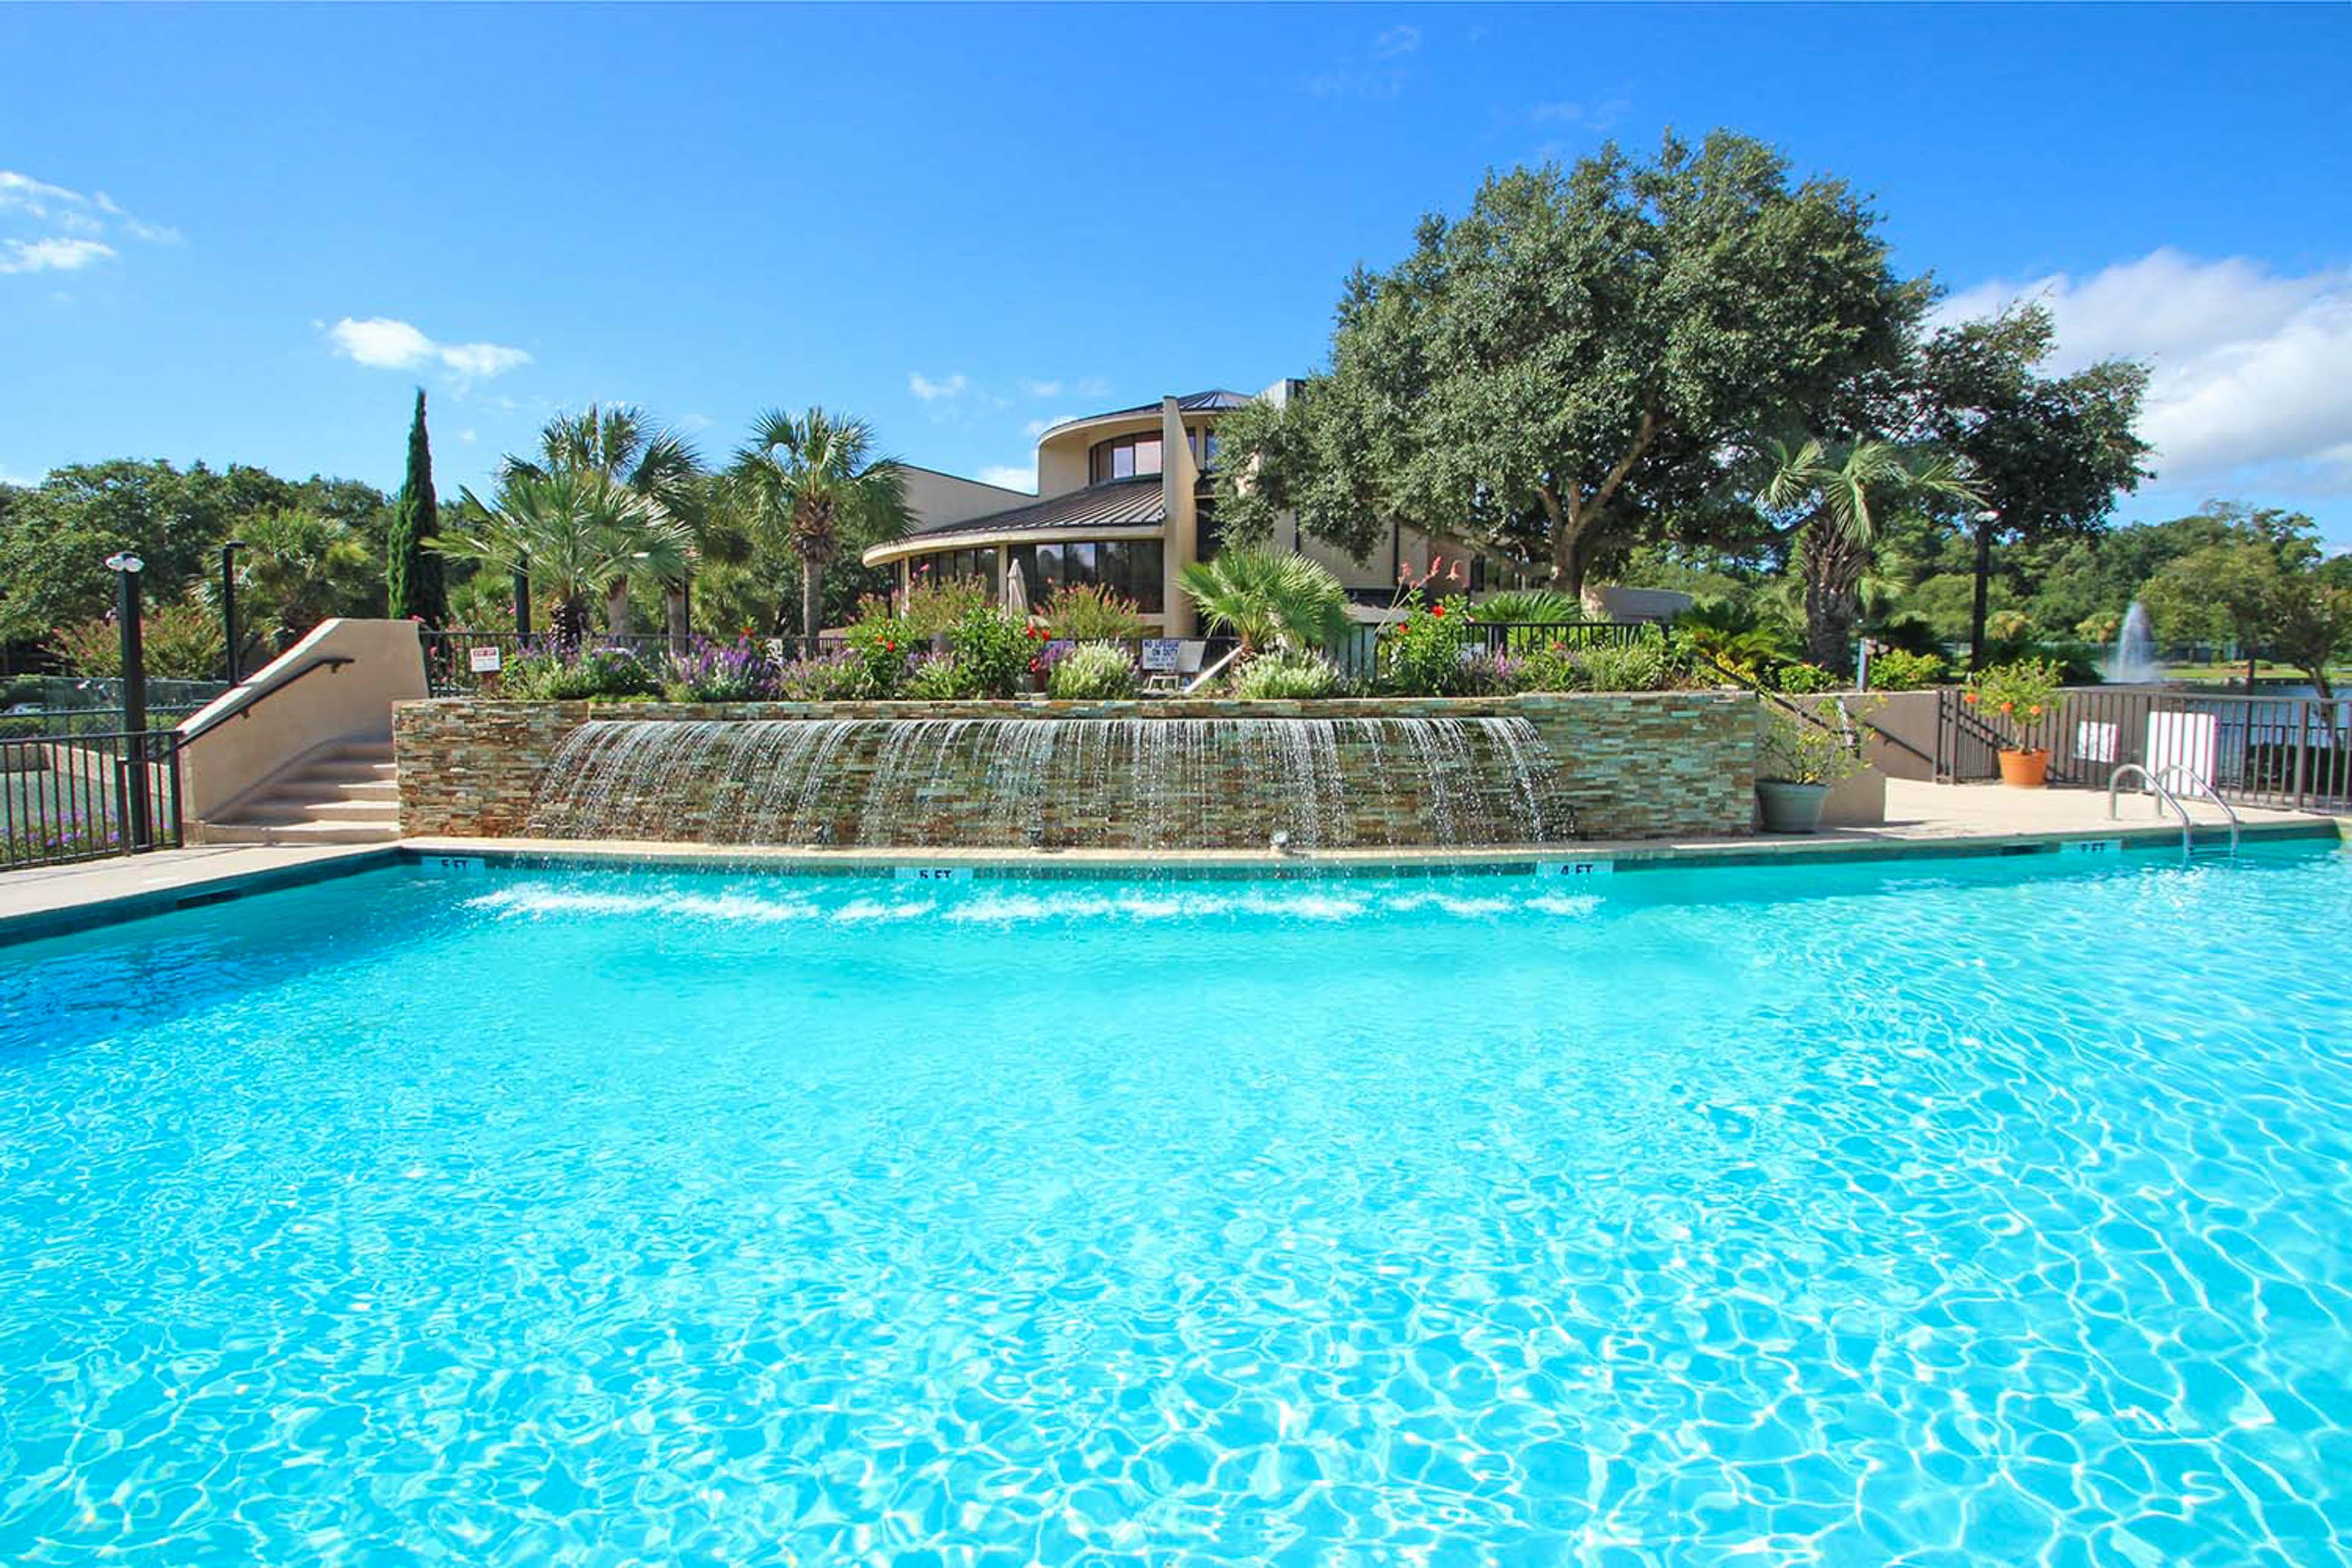 Island Club 6401 Vacation Rental In Hilton Head Sc Hhi